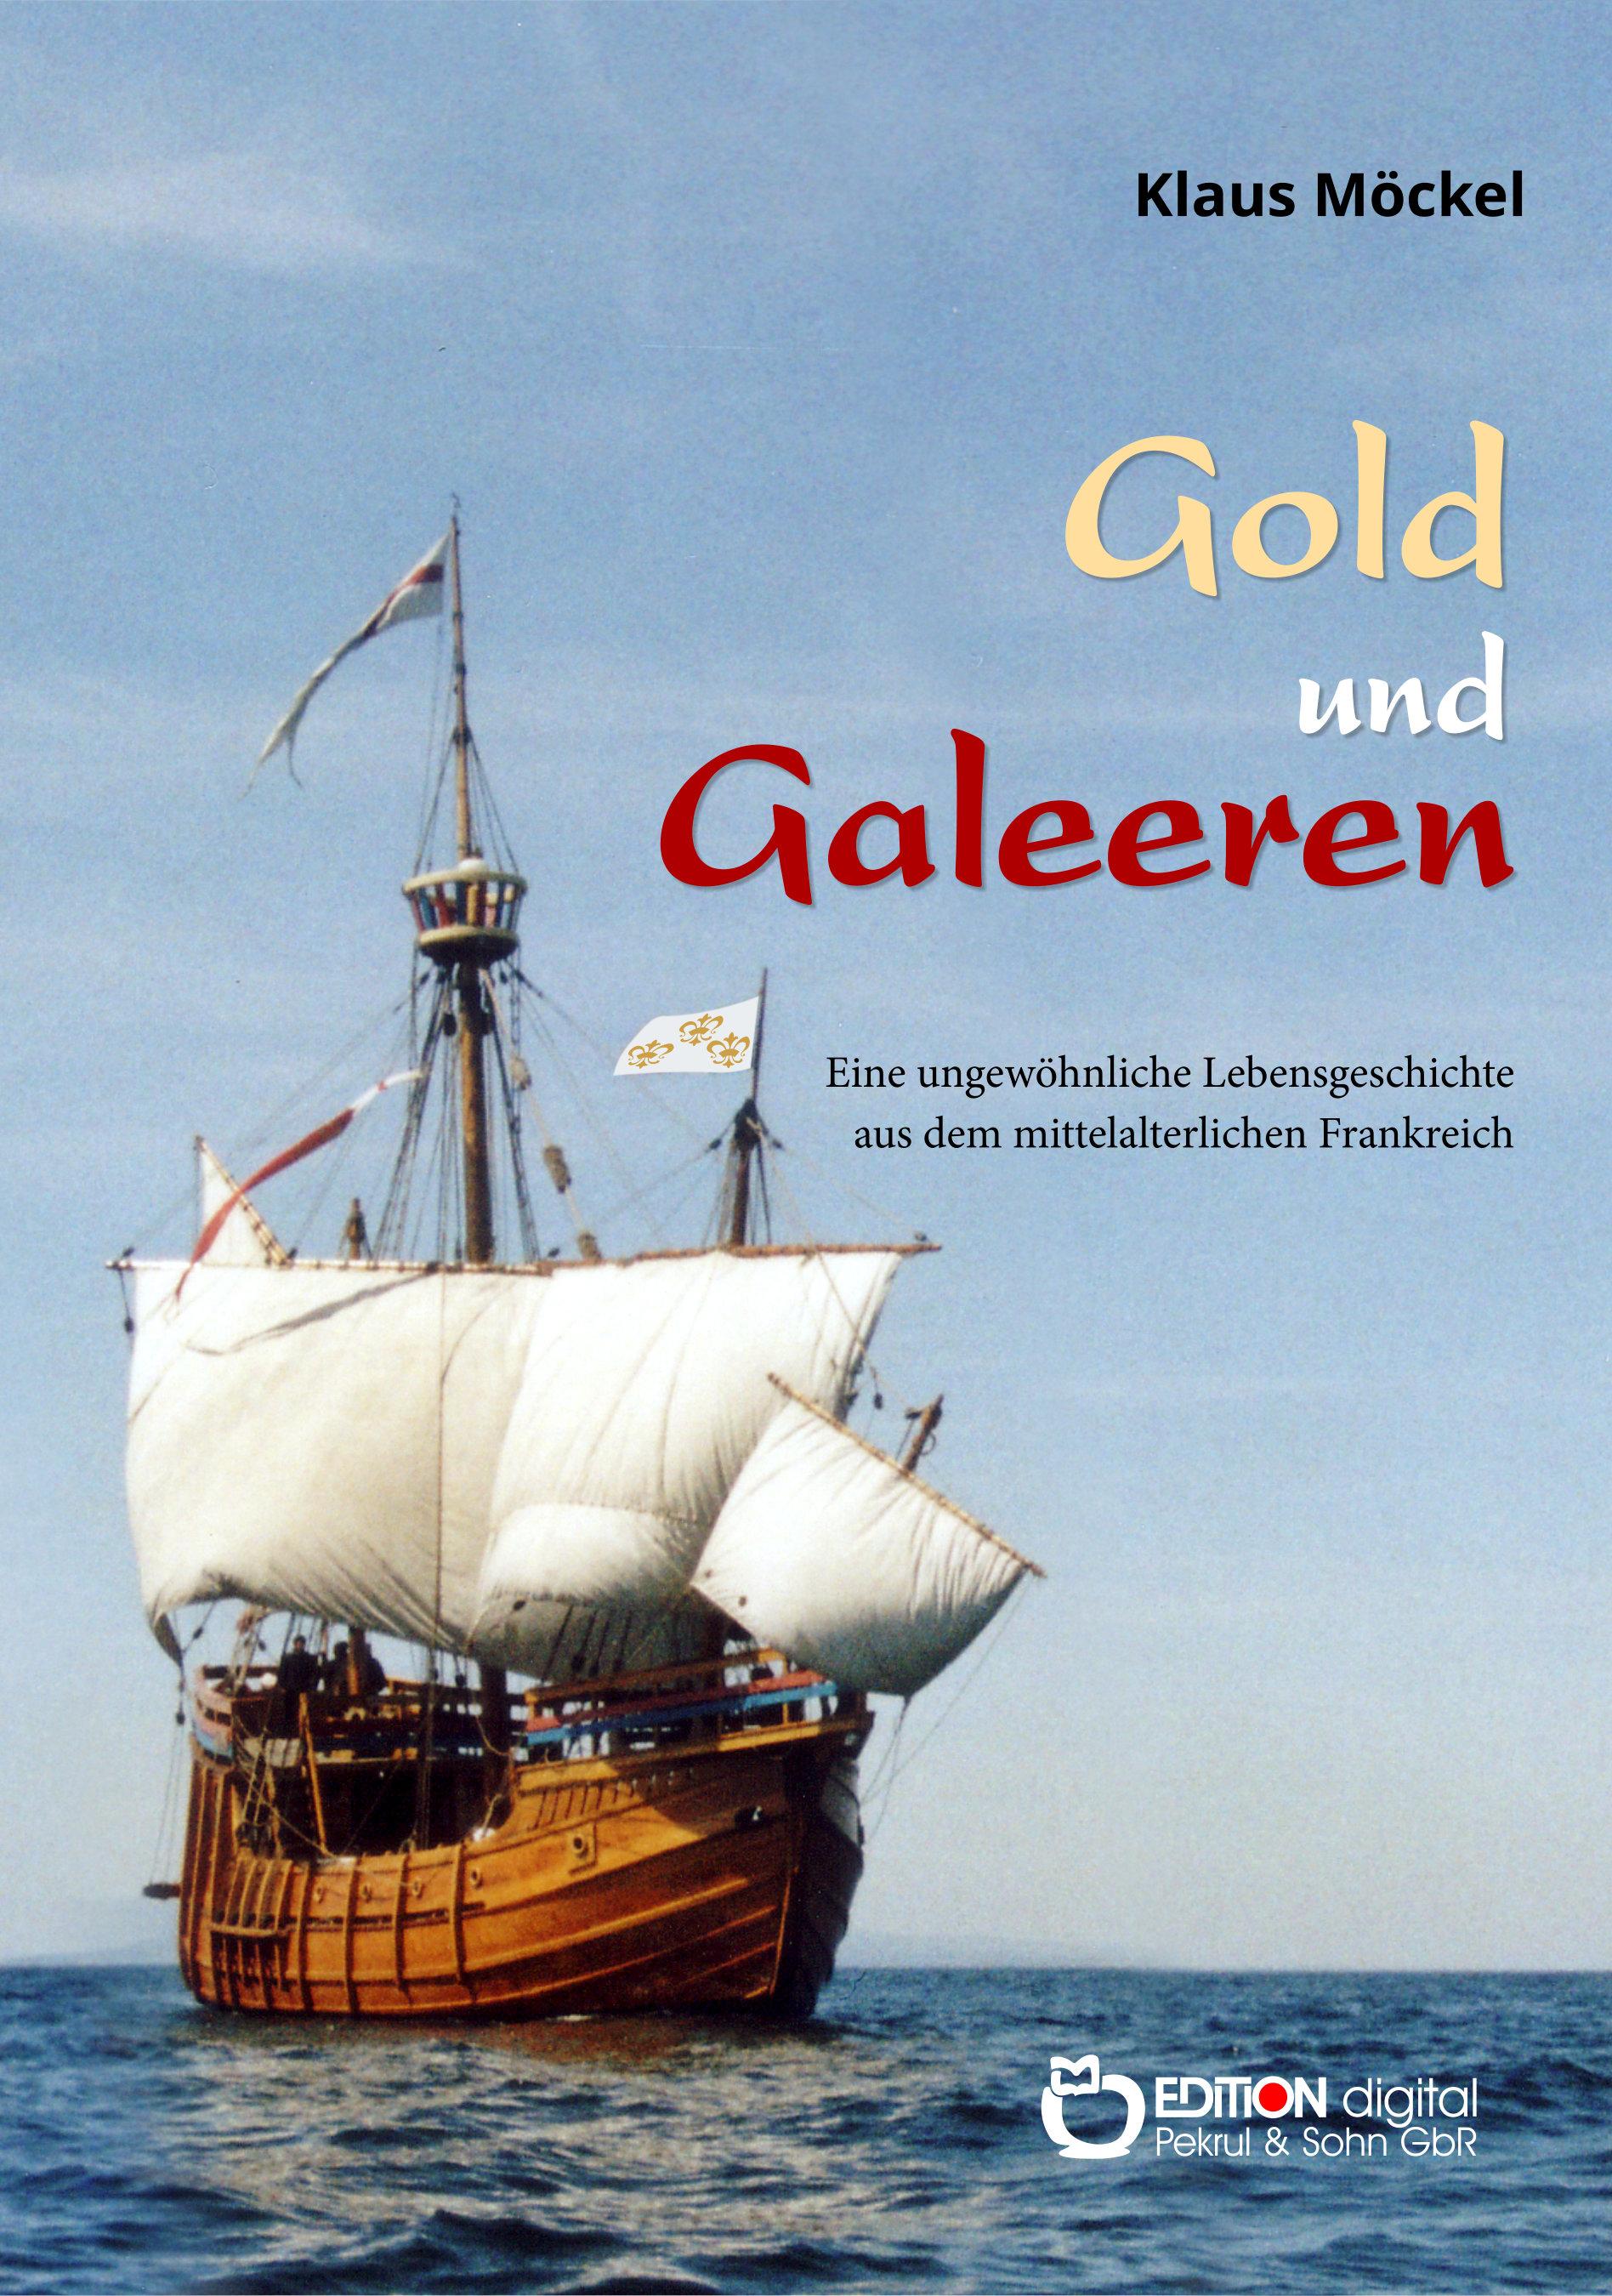 Gold und Galeeren. Eine ungewöhnliche Lebensgeschichte aus dem mittelalterlichen Frankreich von Klaus Möckel